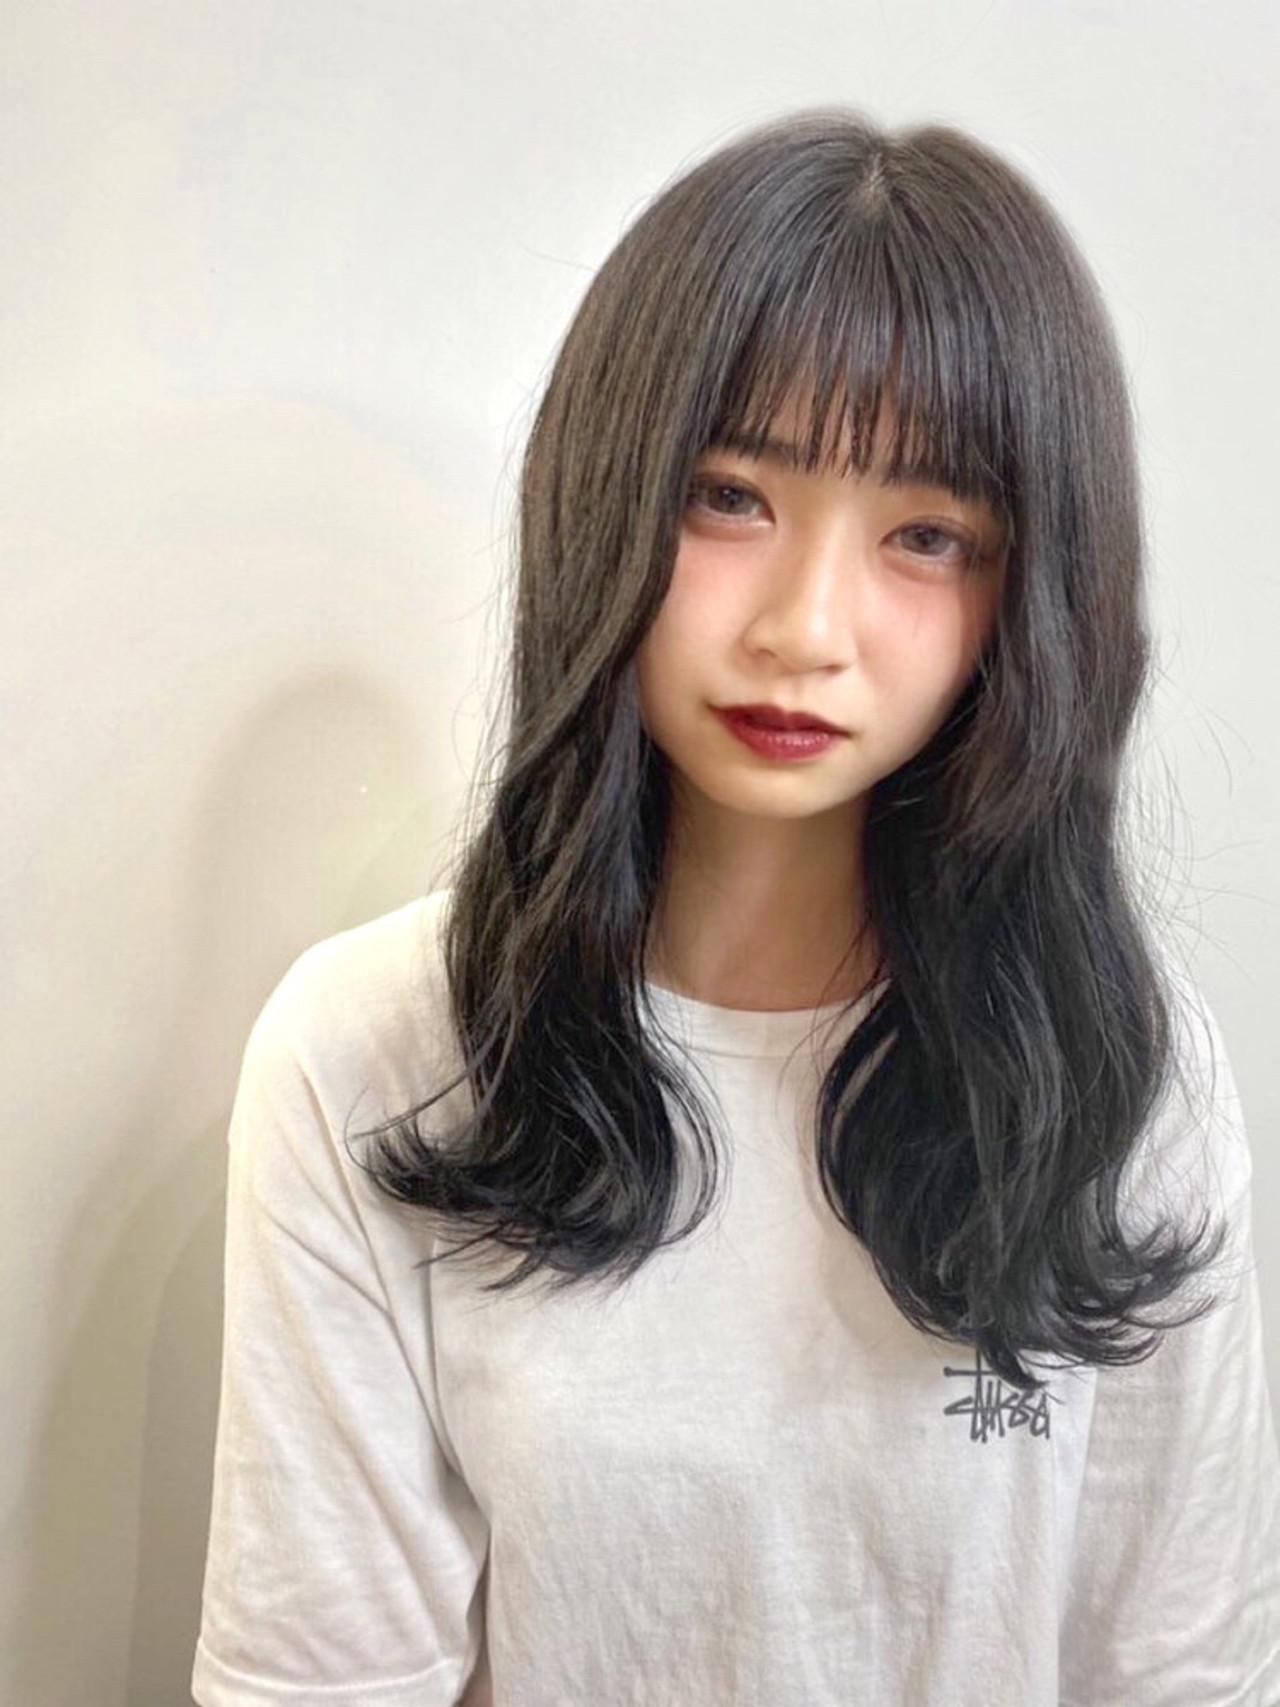 アッシュ ナチュラル ロング 韓国ヘア ヘアスタイルや髪型の写真・画像